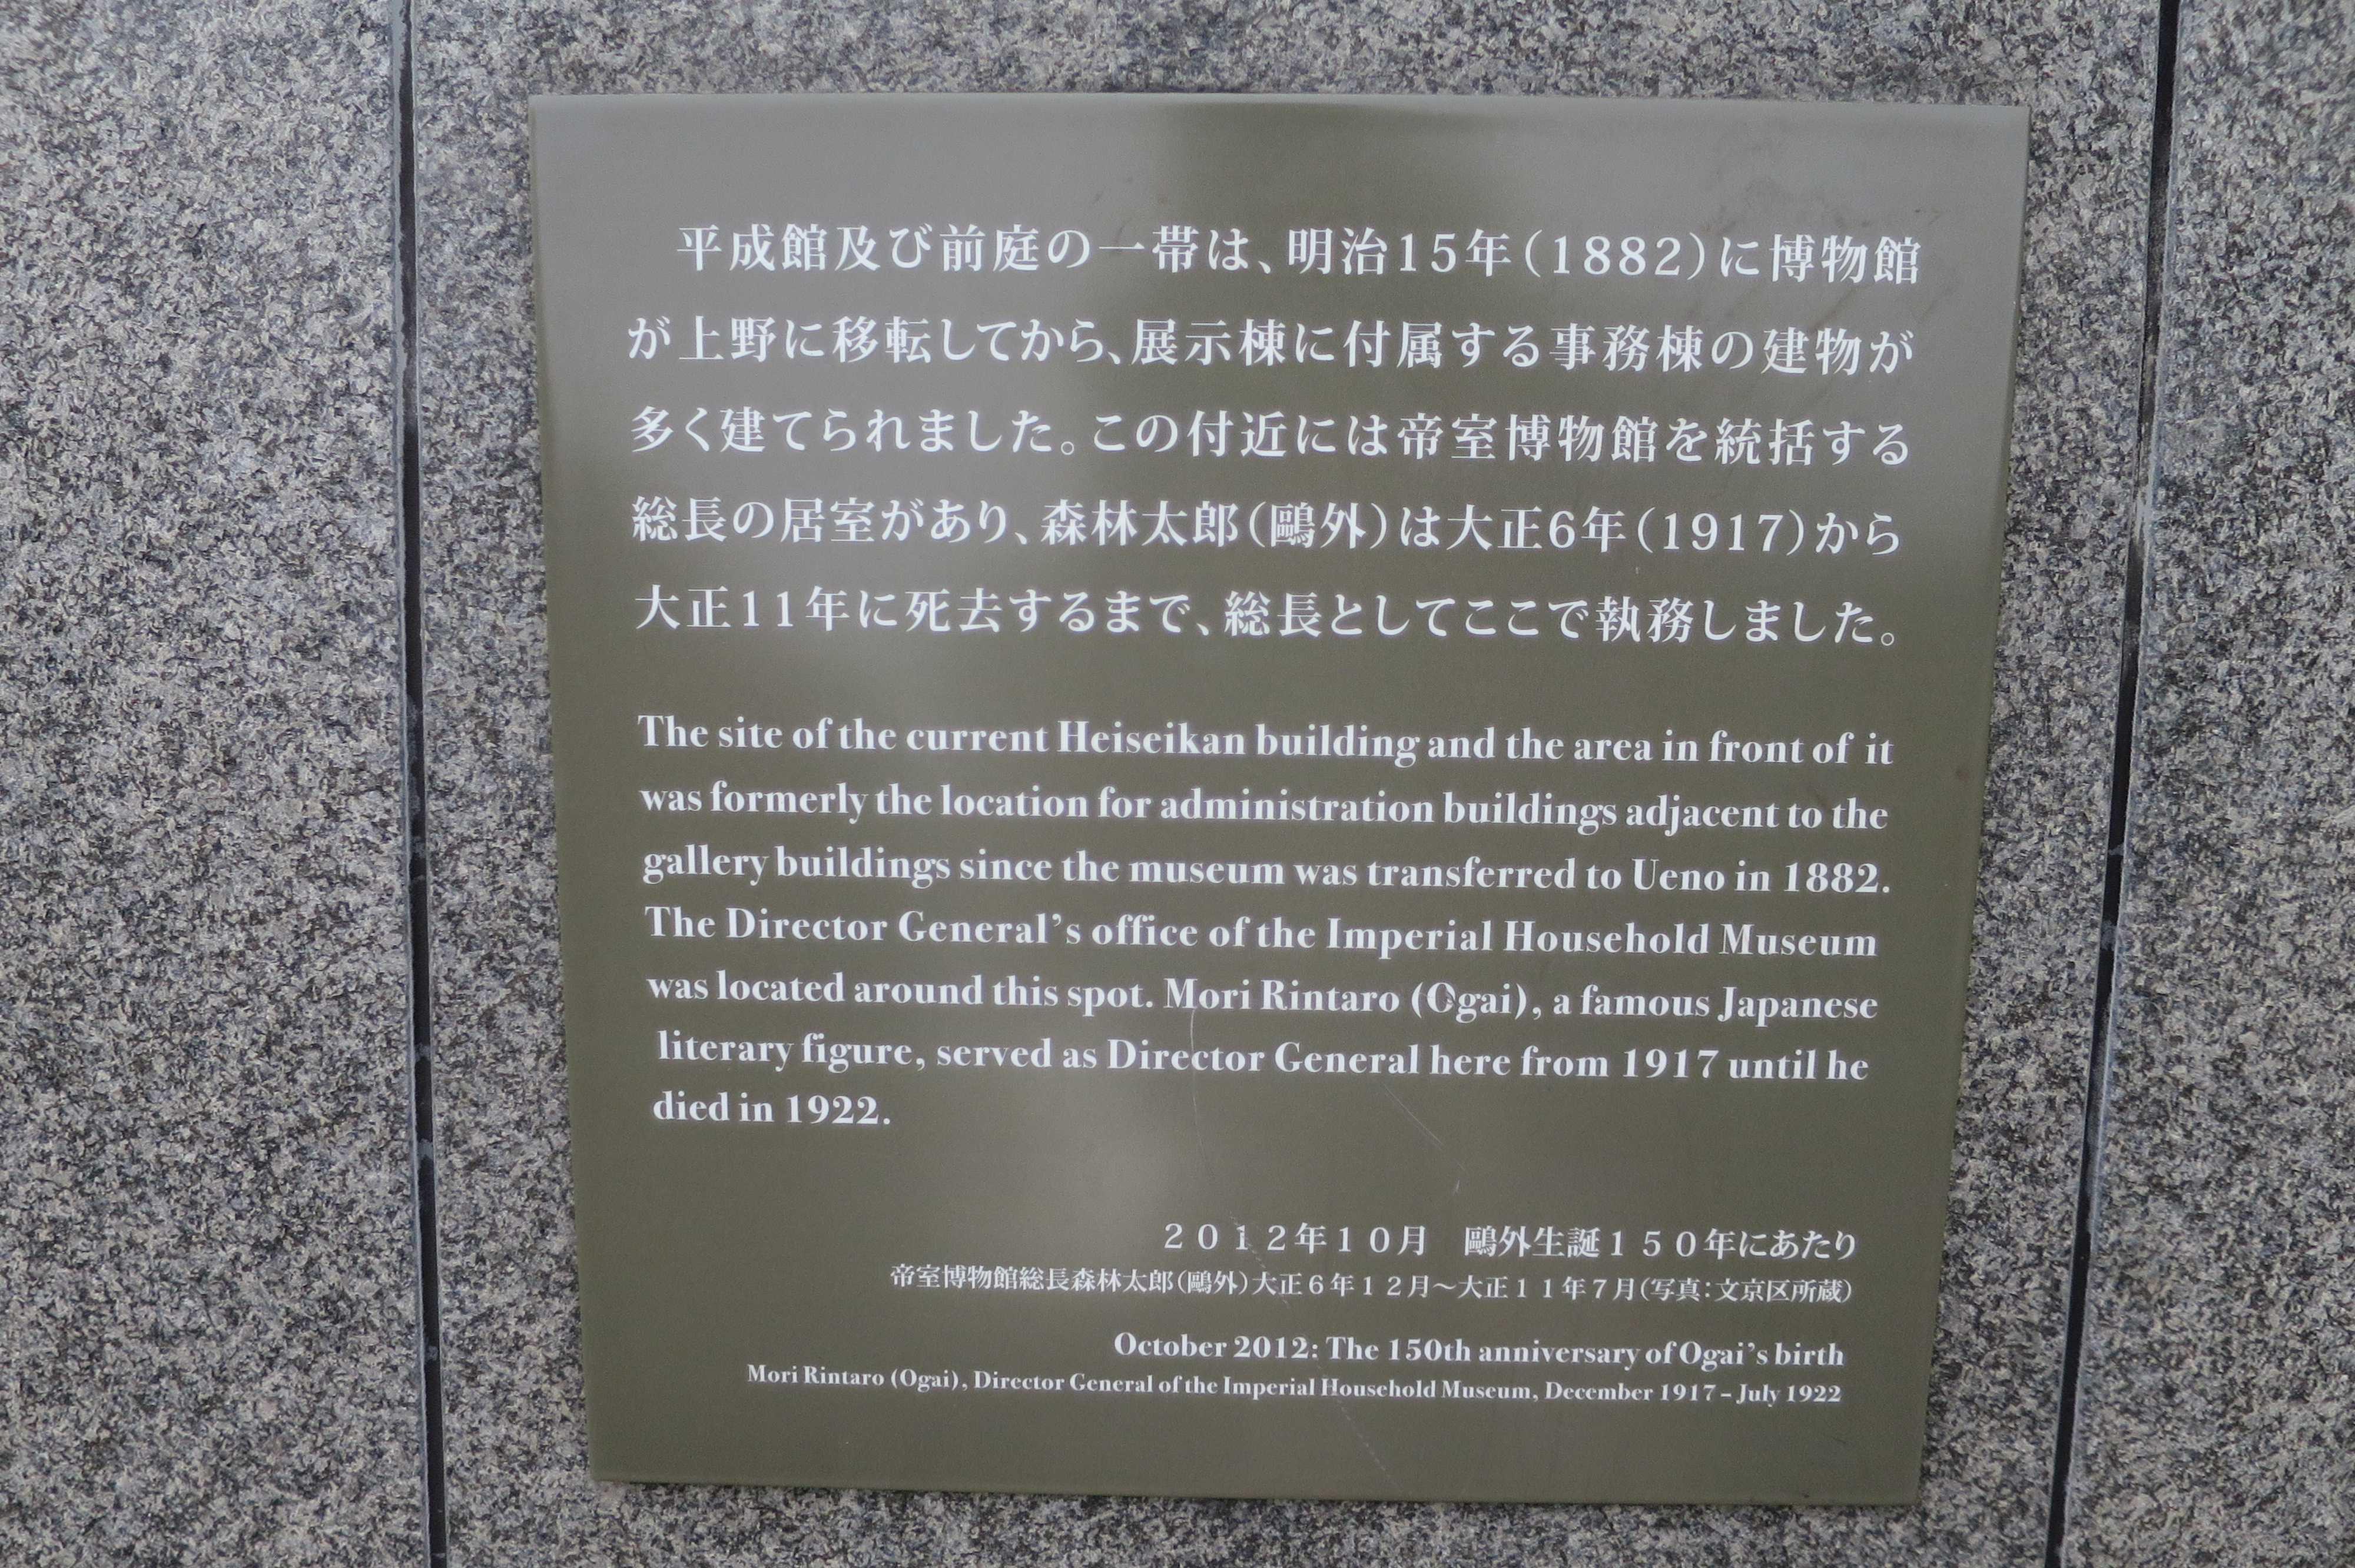 森鴎外総長室跡の説明文 - 東京国立博物館